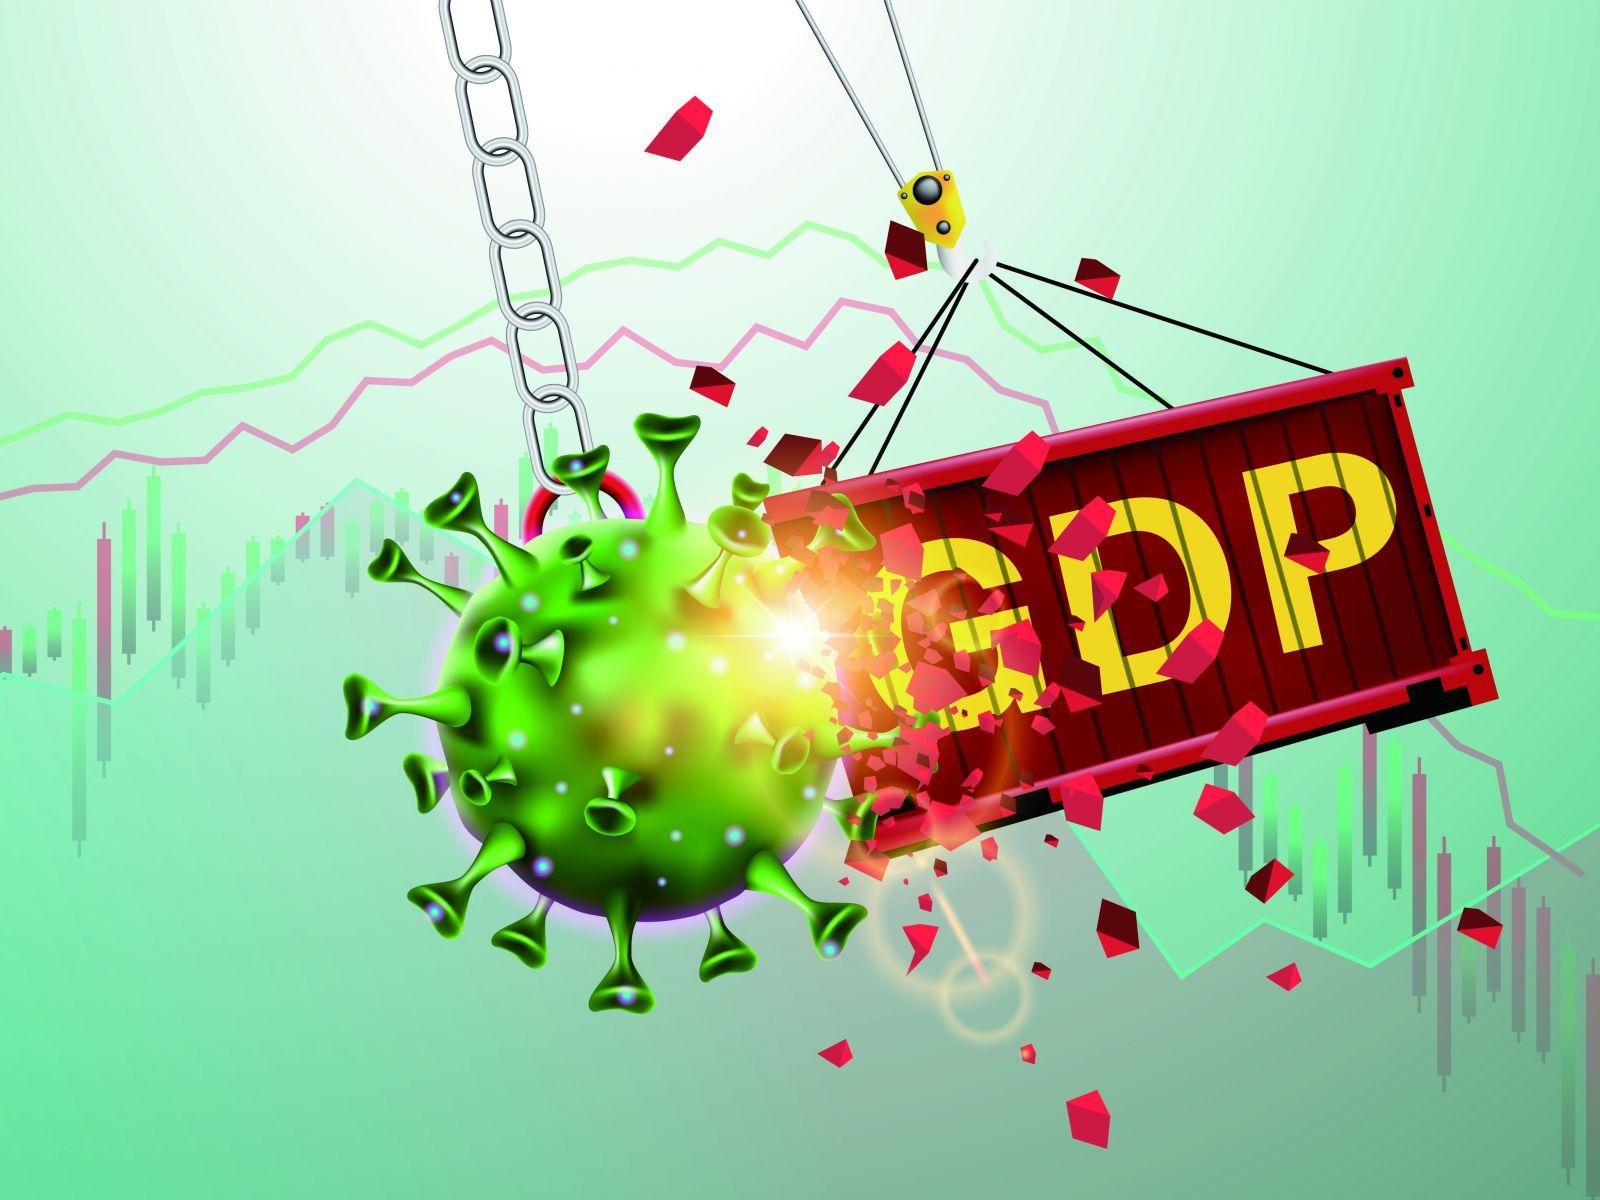 一個國家的經濟成長,從GDP就能衡量嗎?